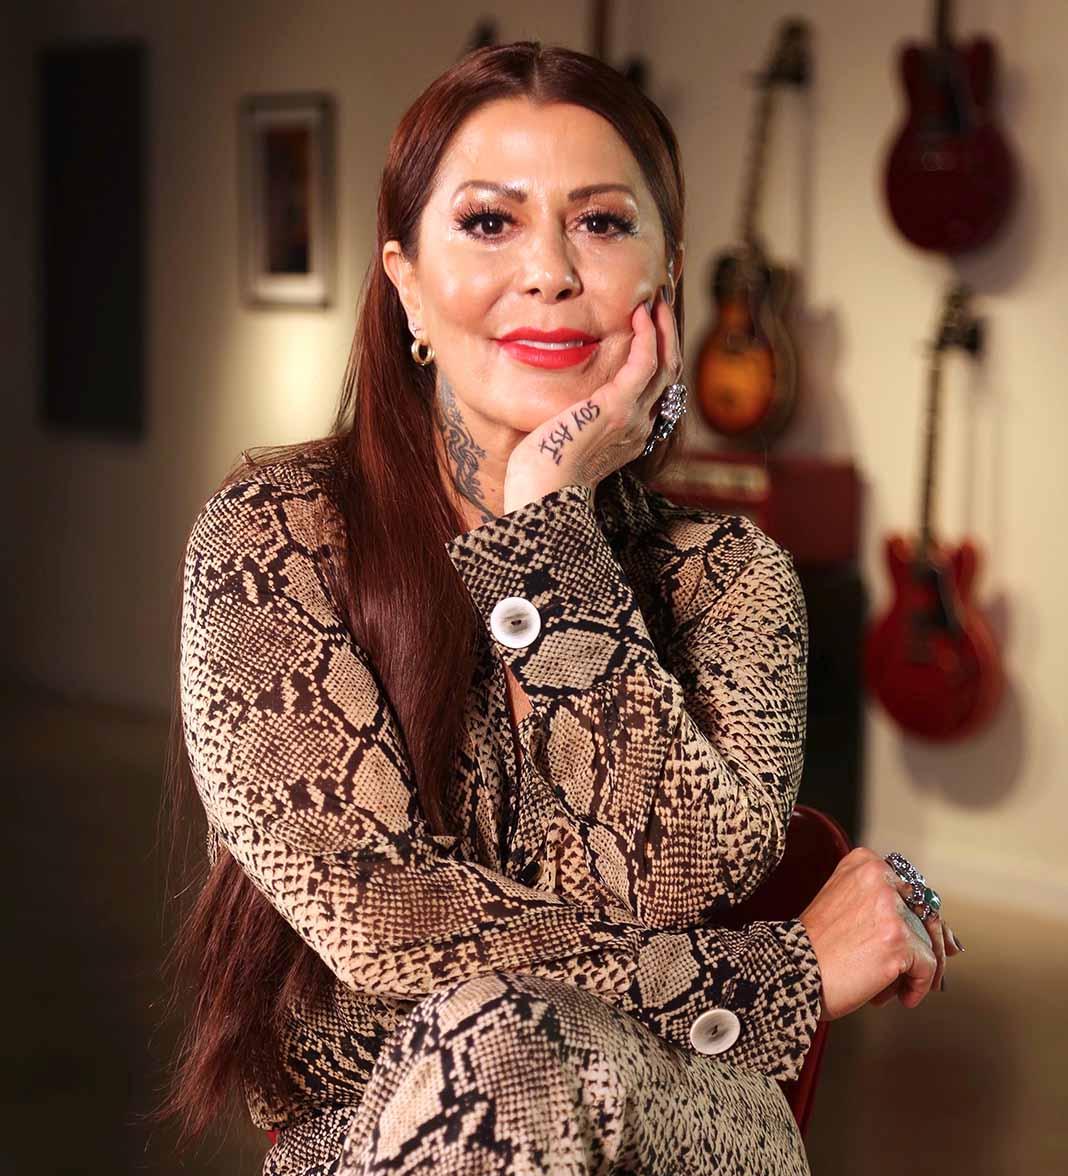 Frida Sofía lanzó esta amenaza a su mamá Alejandra Guzmán a través de sus stories de Instagram